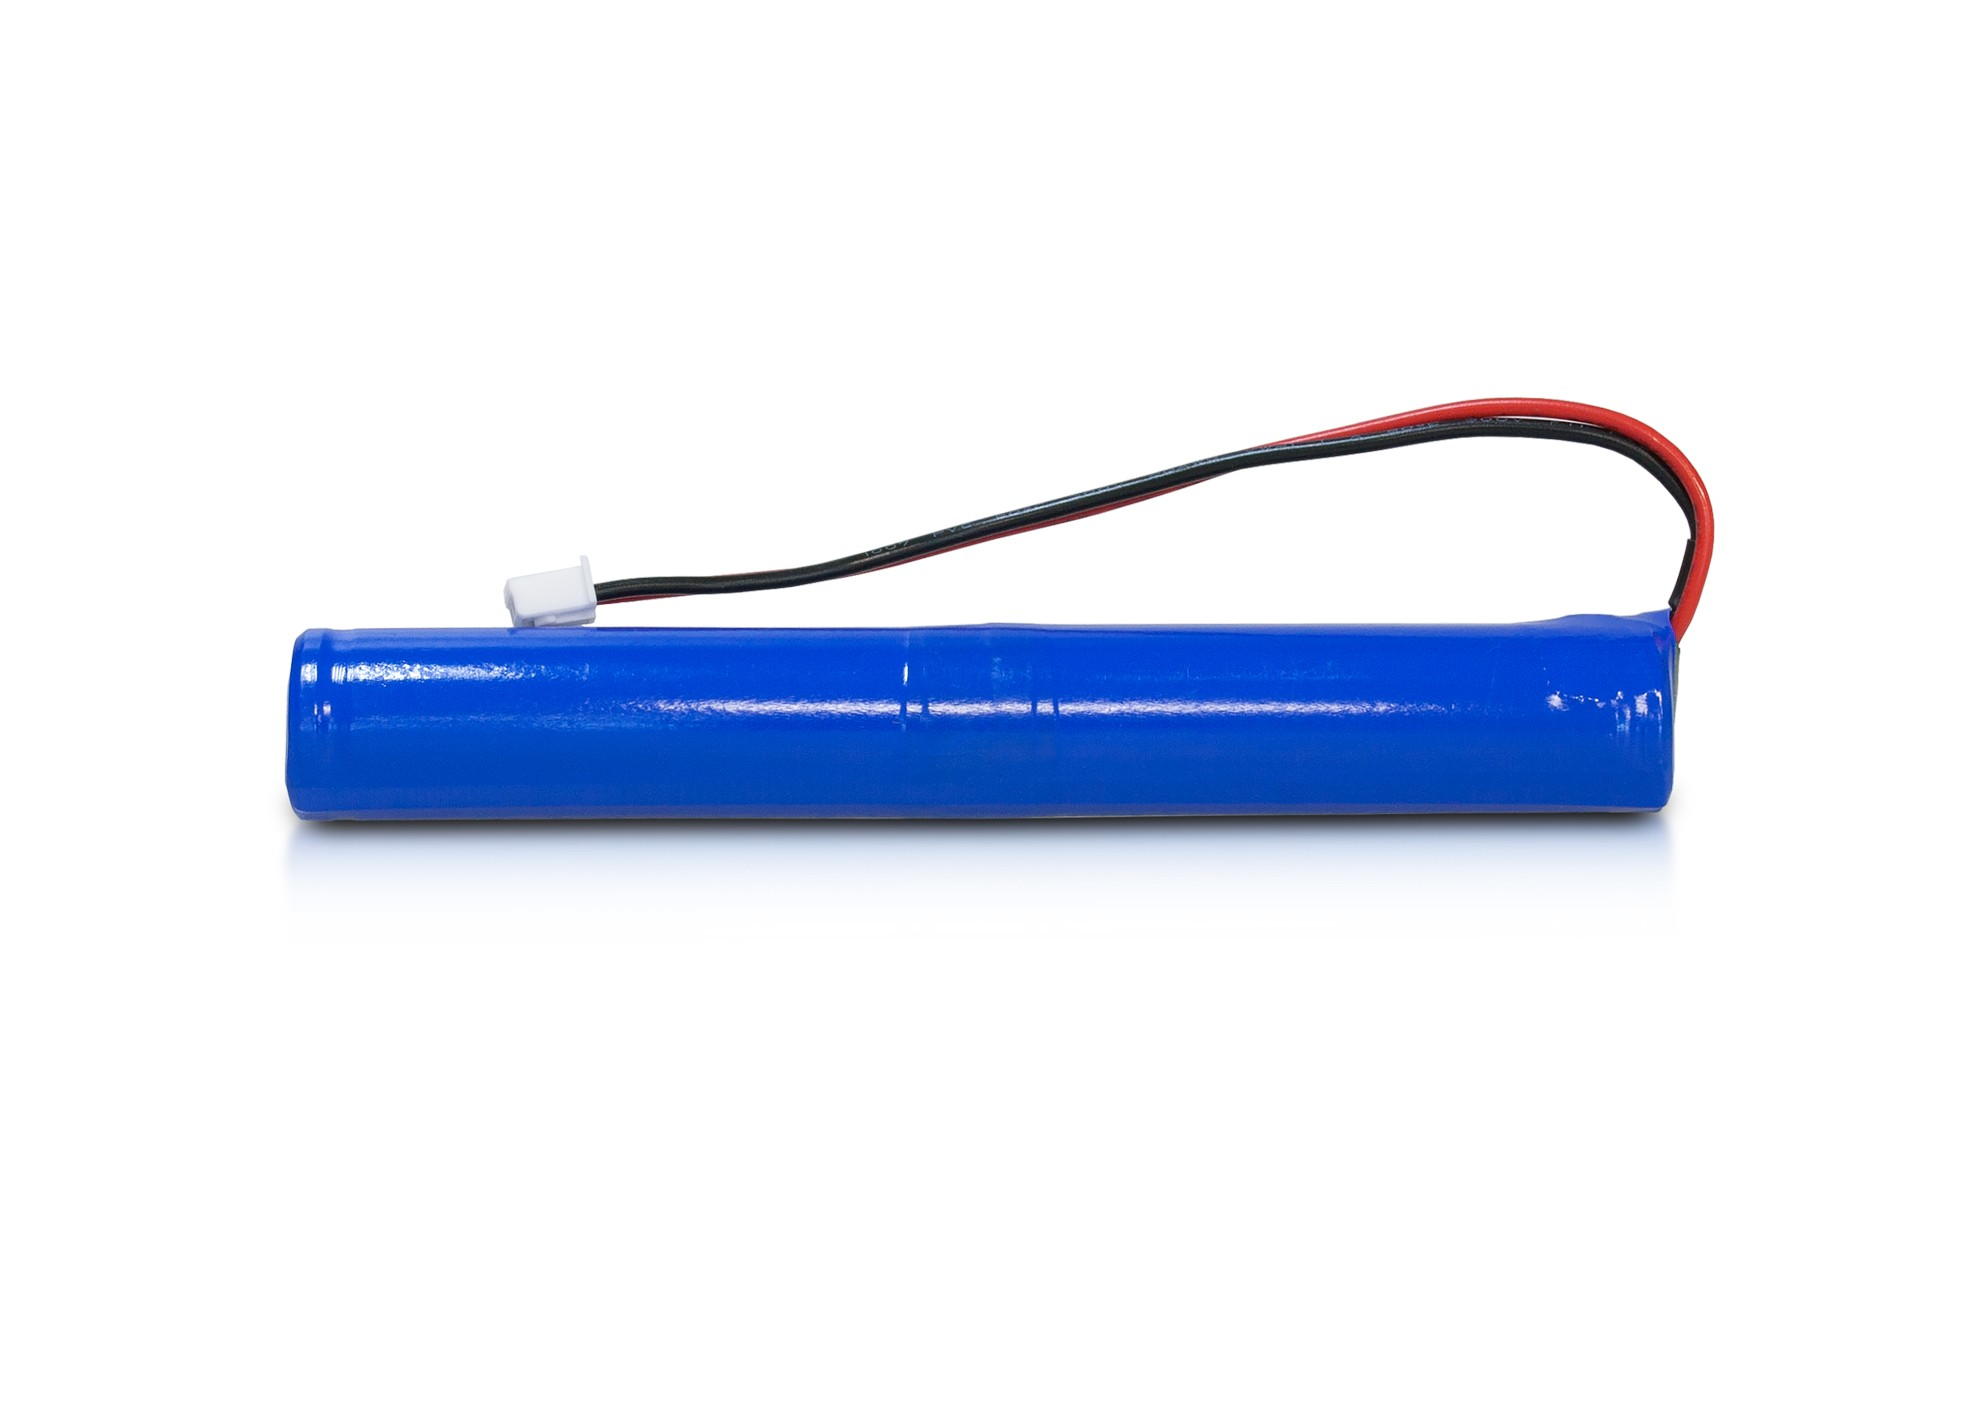 Batéria L18-3000mAh pre AB LED GV50-CLB